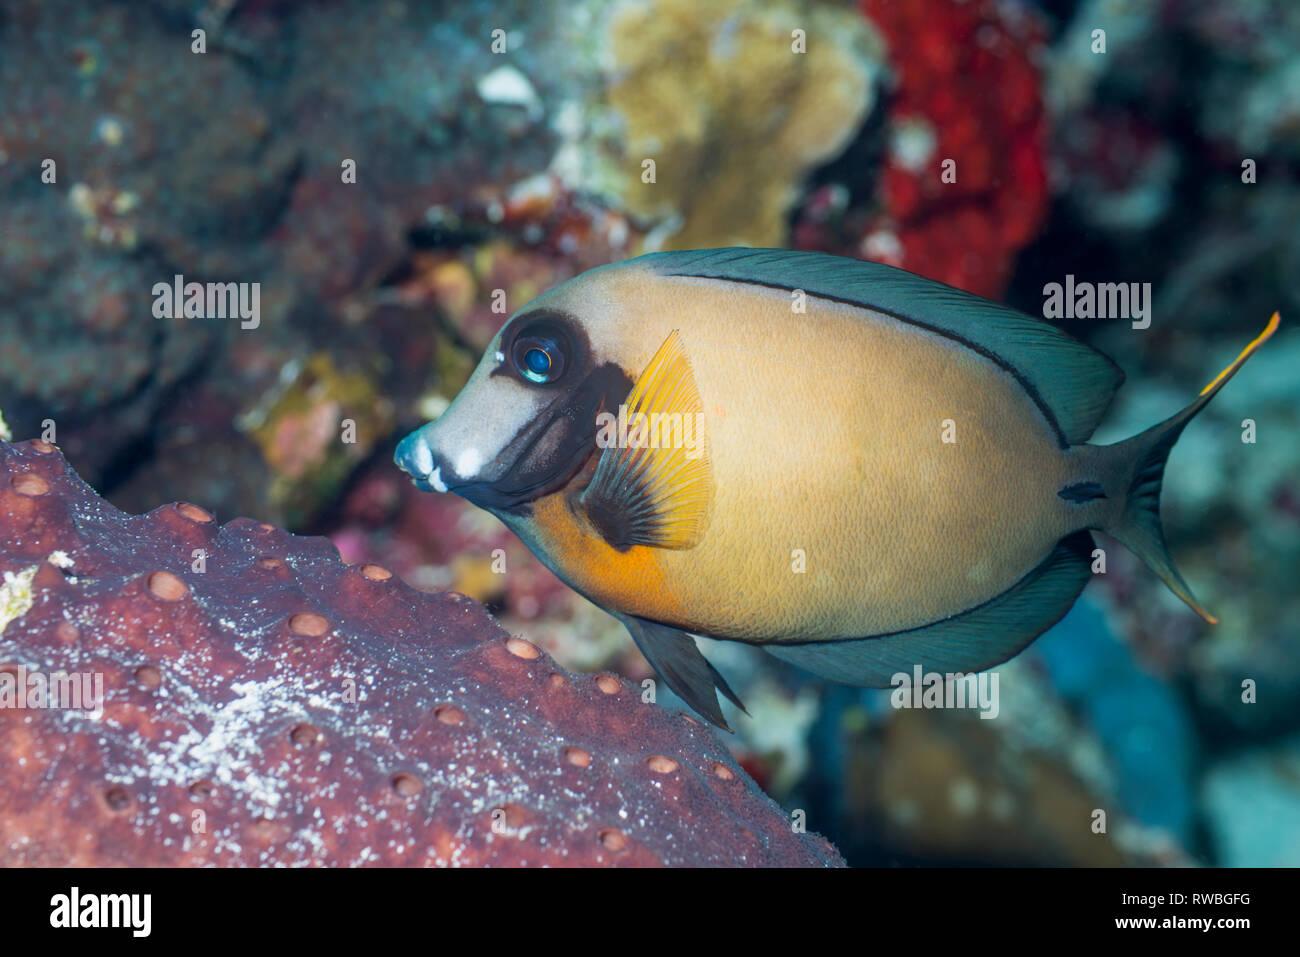 Mimic surgeonfish, Chocolat tang [Acanthurus pyroferus].  North Sulawesi, Indonesia. - Stock Image